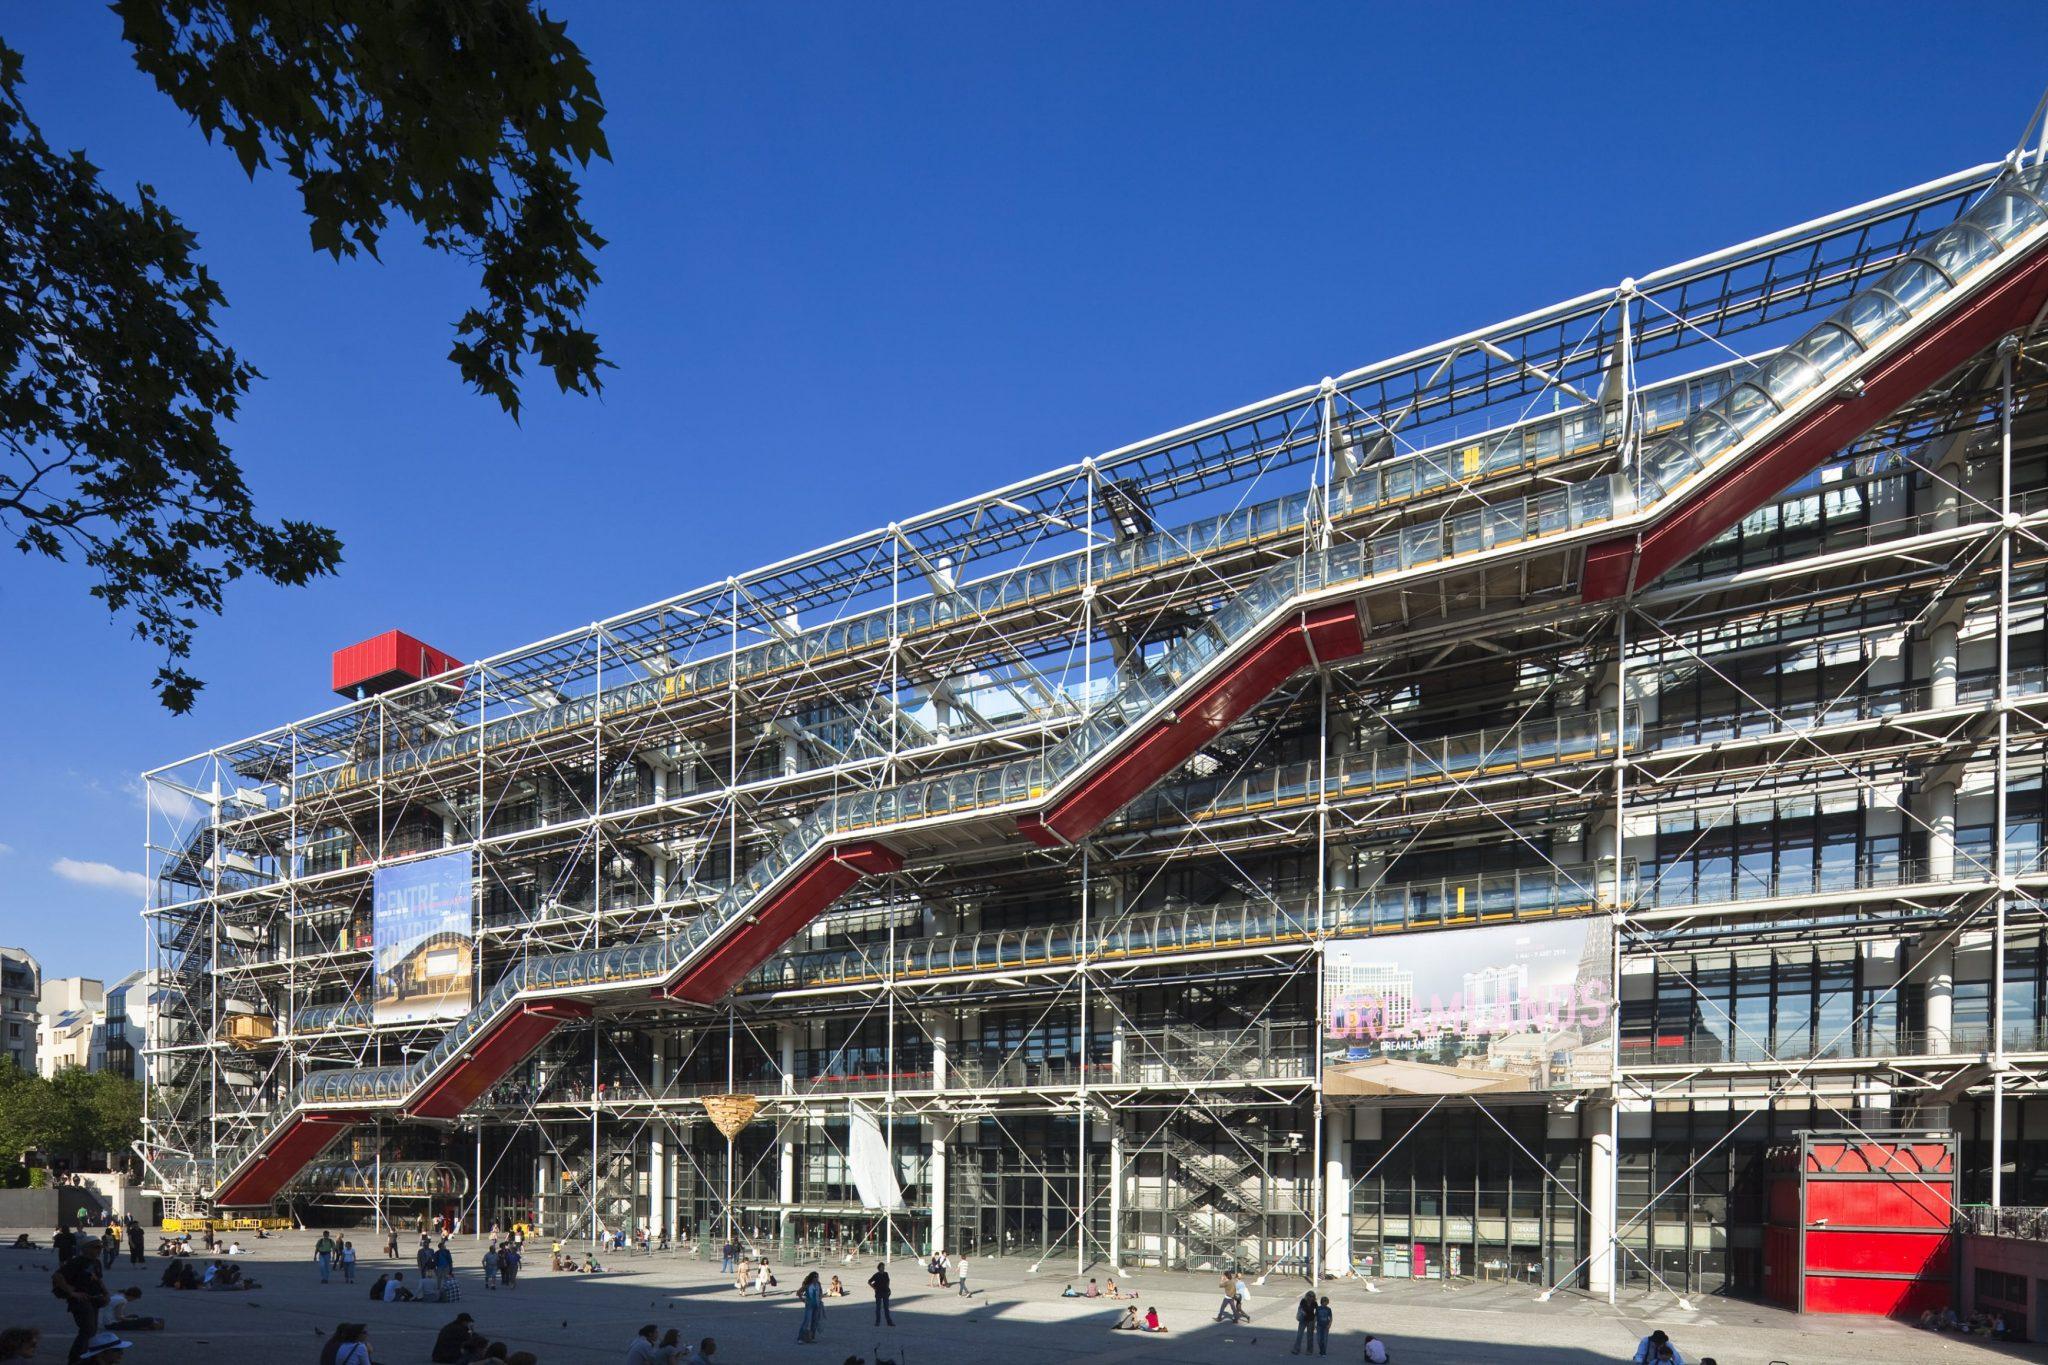 ژرژ پمپیدو پرژه مشترک ریچارد راجرز برنده جایزه معماری AIA